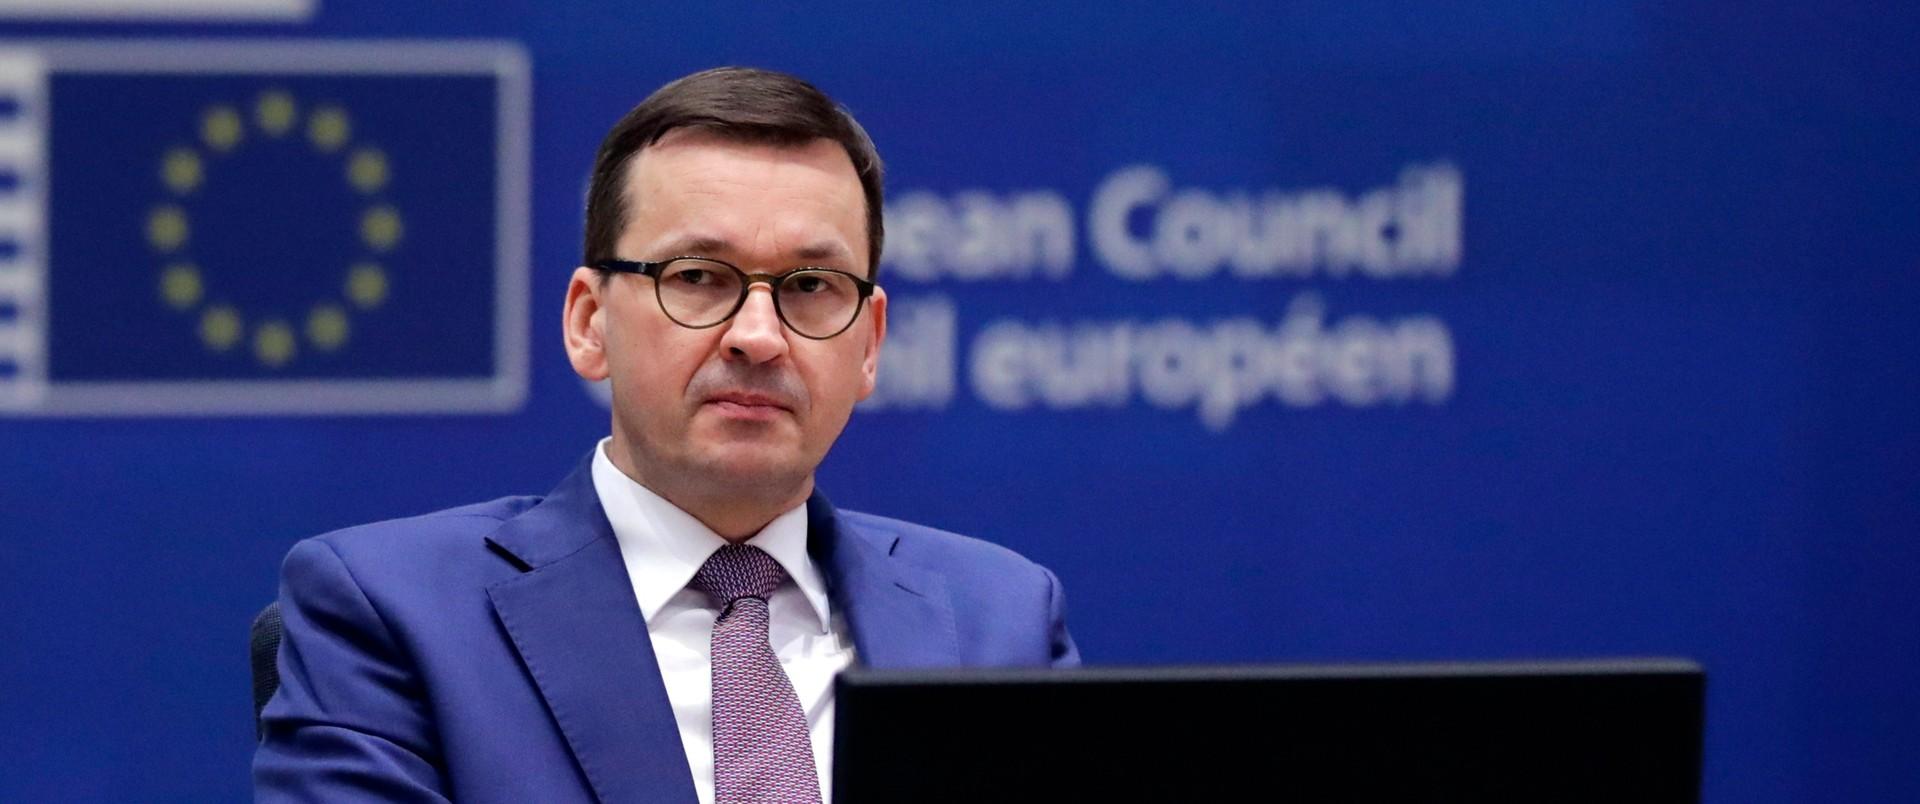 Porozumienie w Brukseli i kolejne wyzwania. Trzy lata premiera Morawieckiego